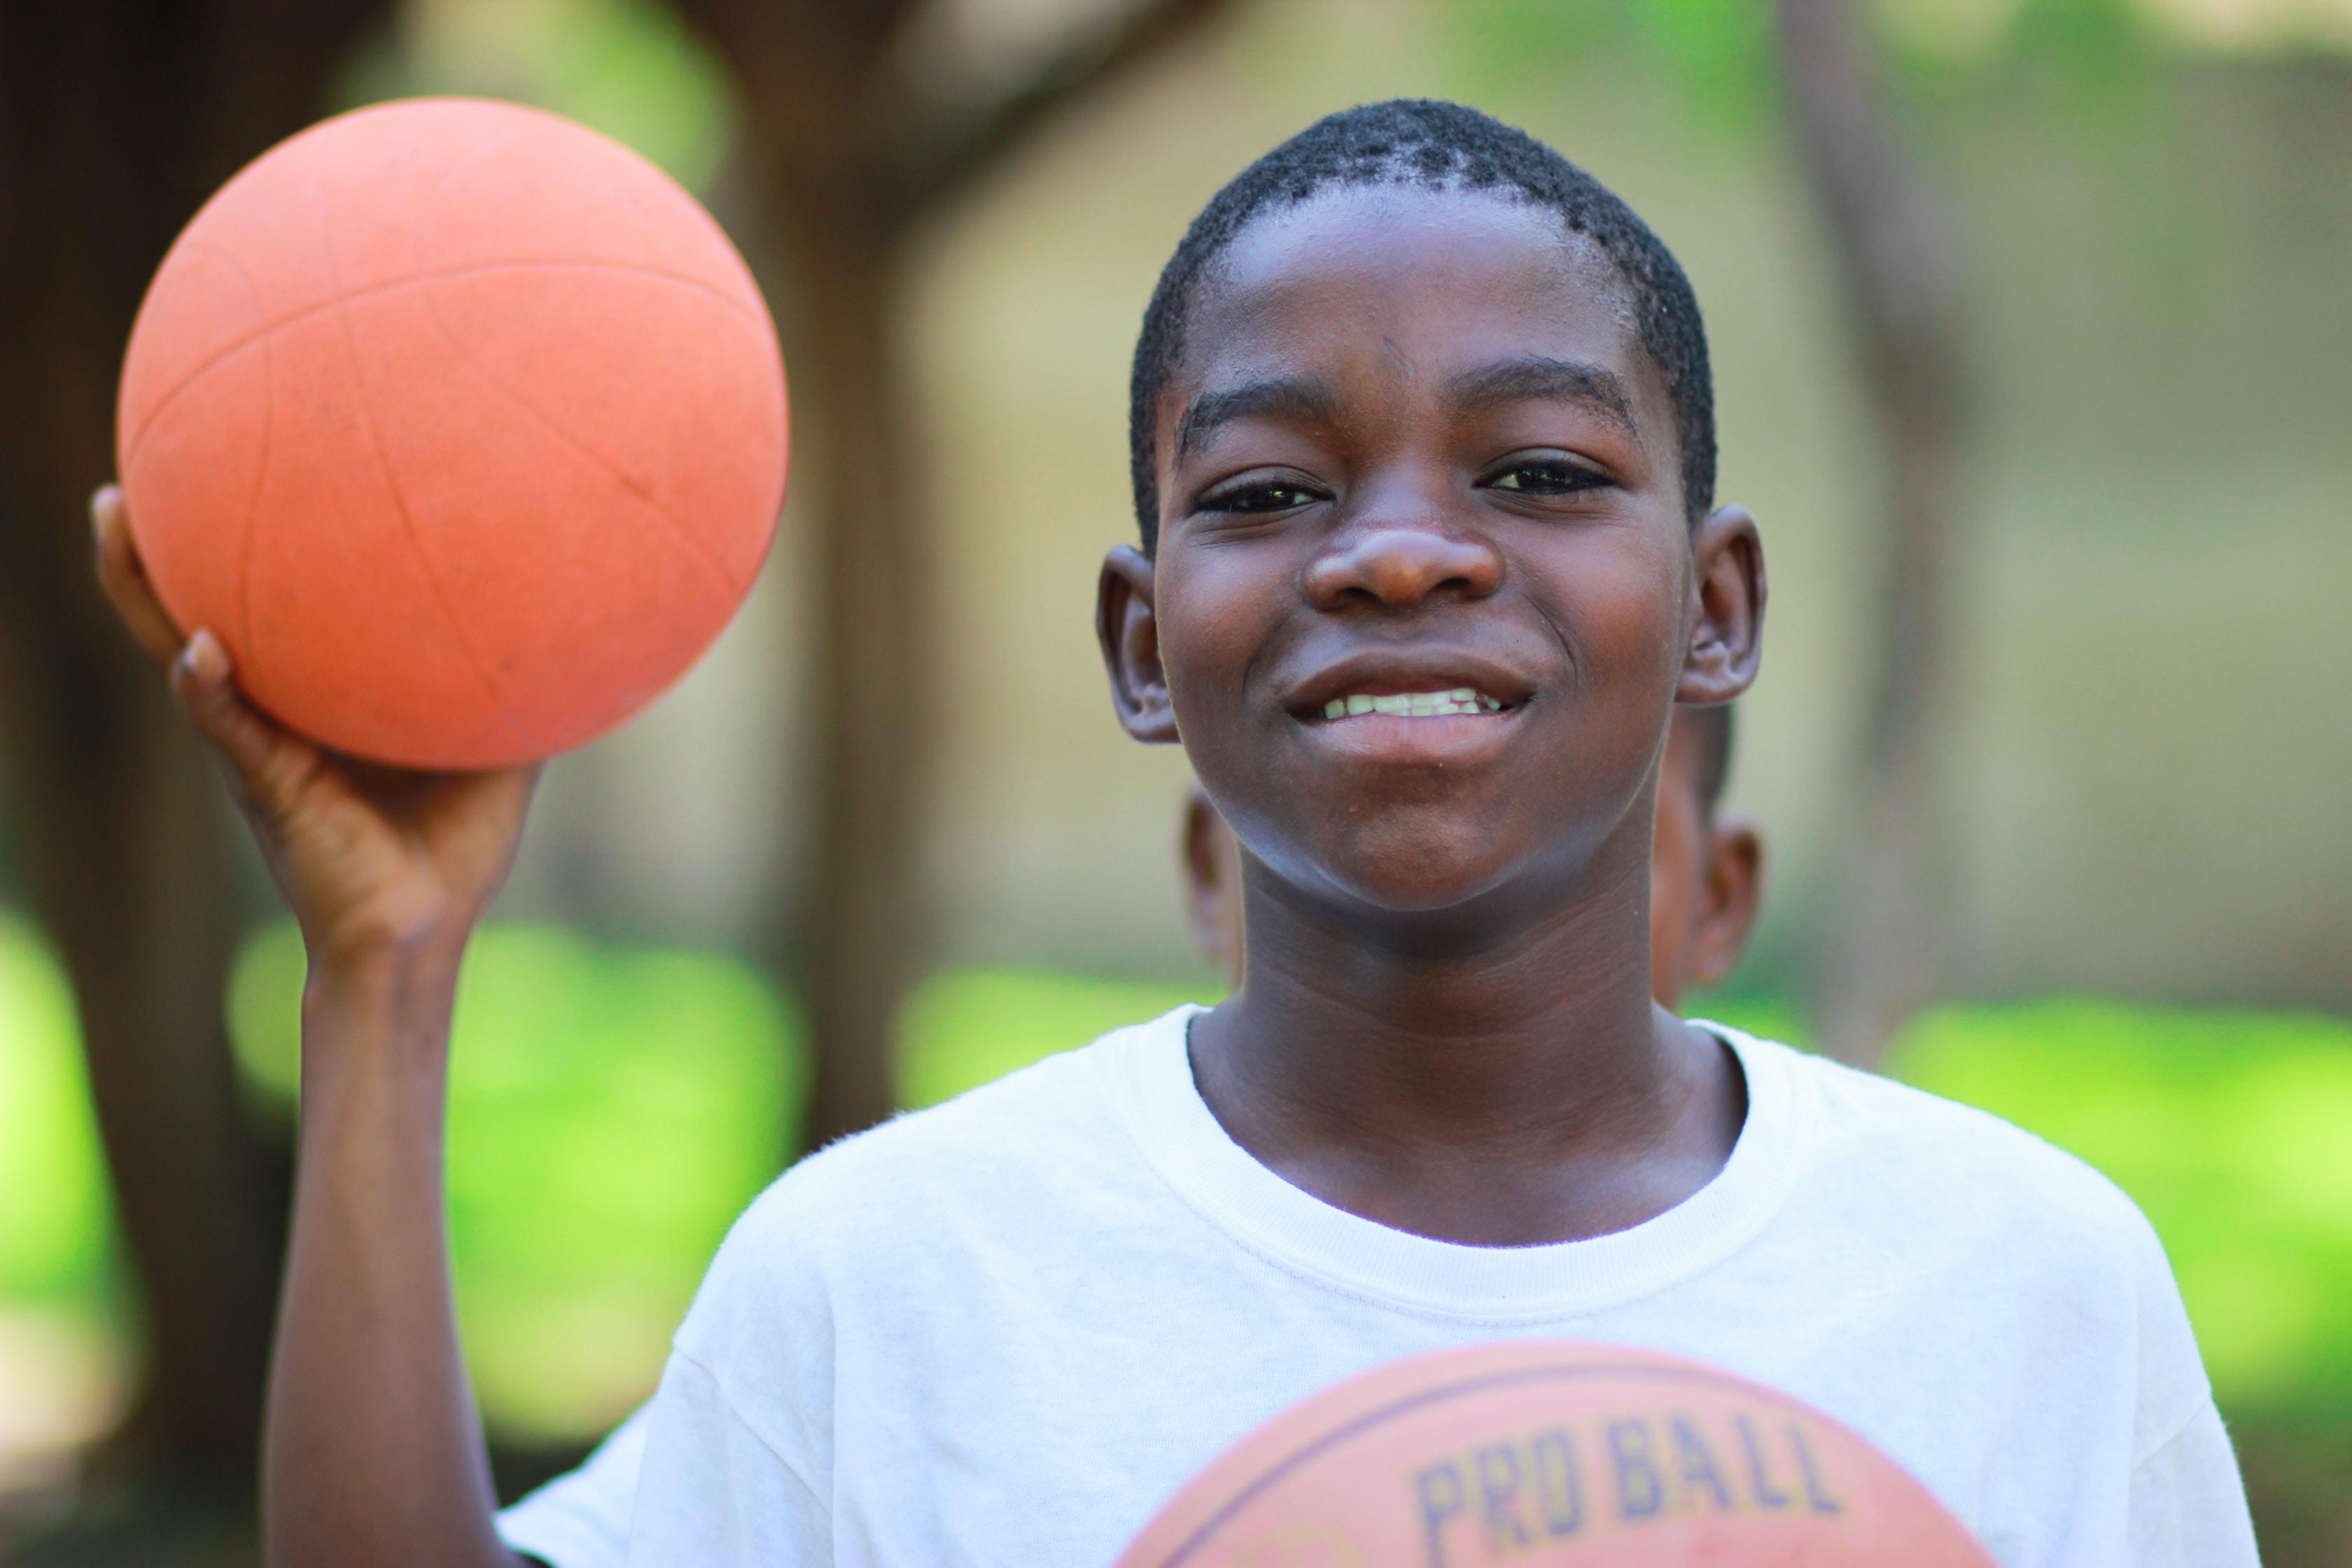 La crianza de los hijos entre los 7 y los 11 años tiene que estar enfocada ha ayudarles el desarrollo en la etapa operativa concreta para que pasen a la siguiente